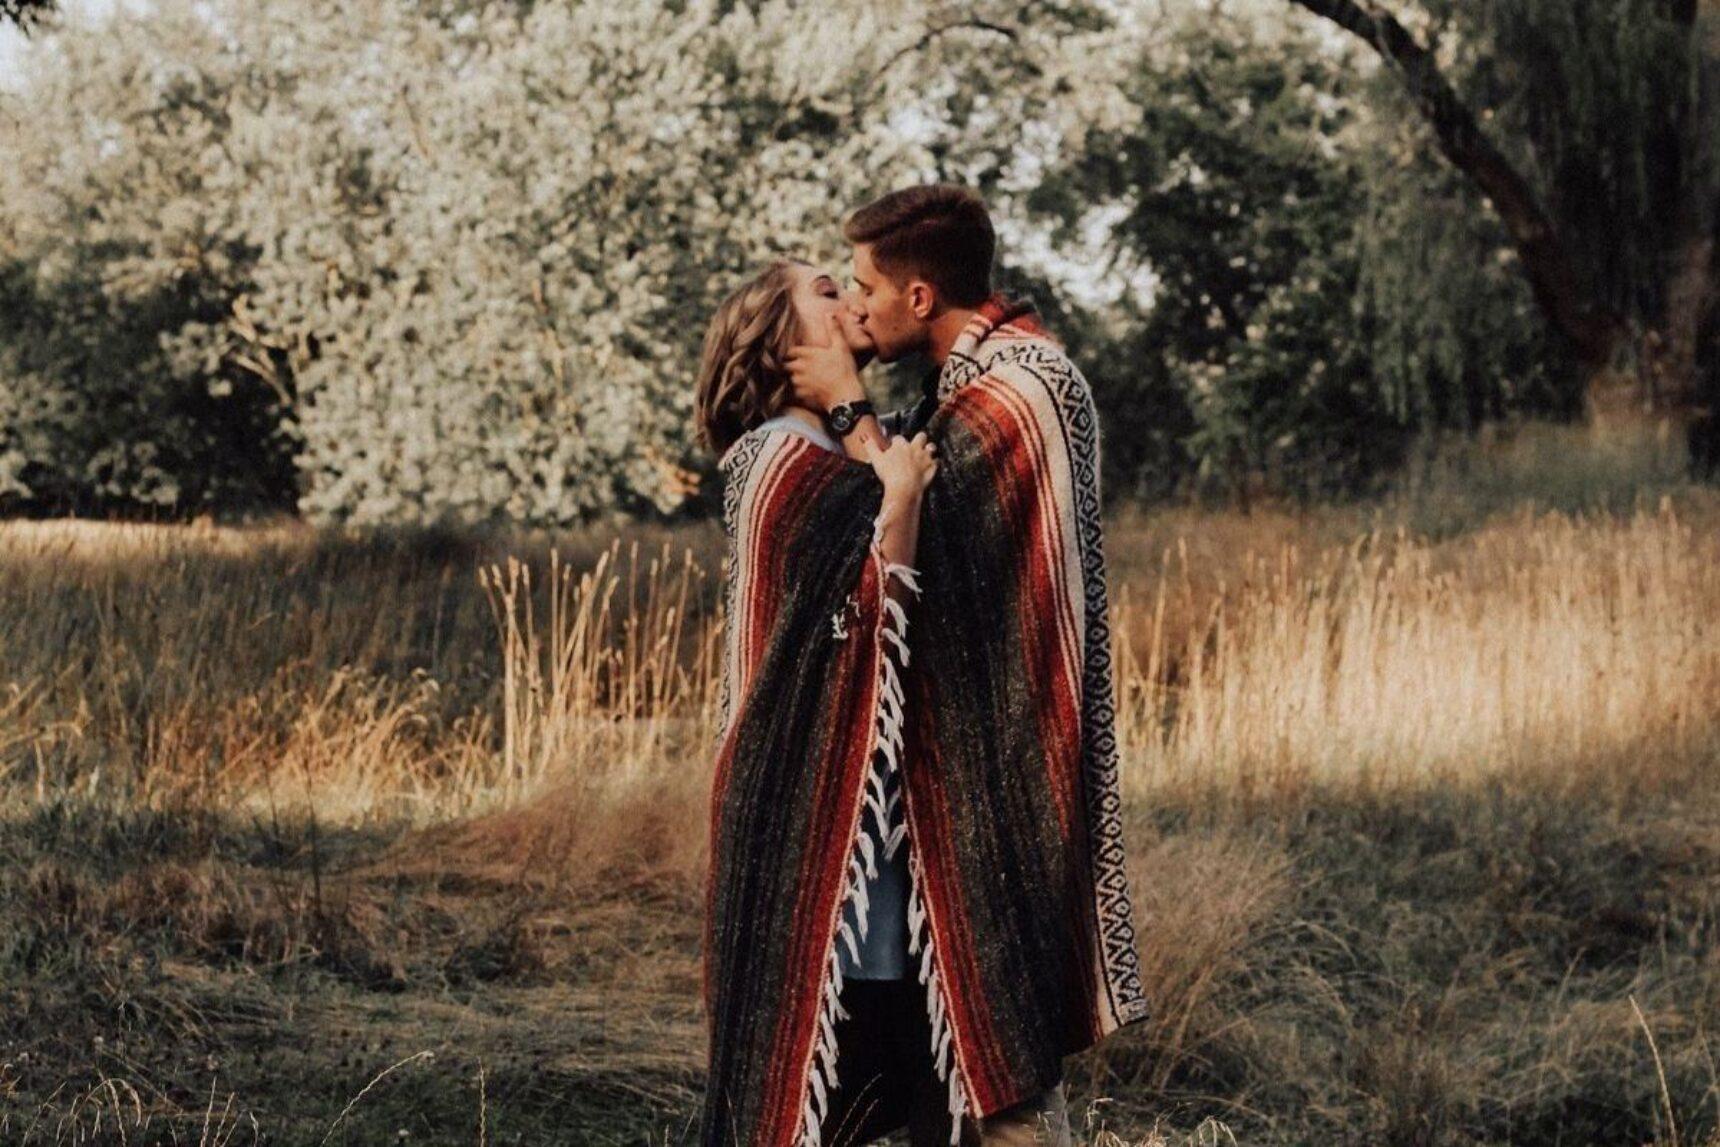 Czym Jest Miłość Dla Człowieka Definicja Miłości Prawdziwej